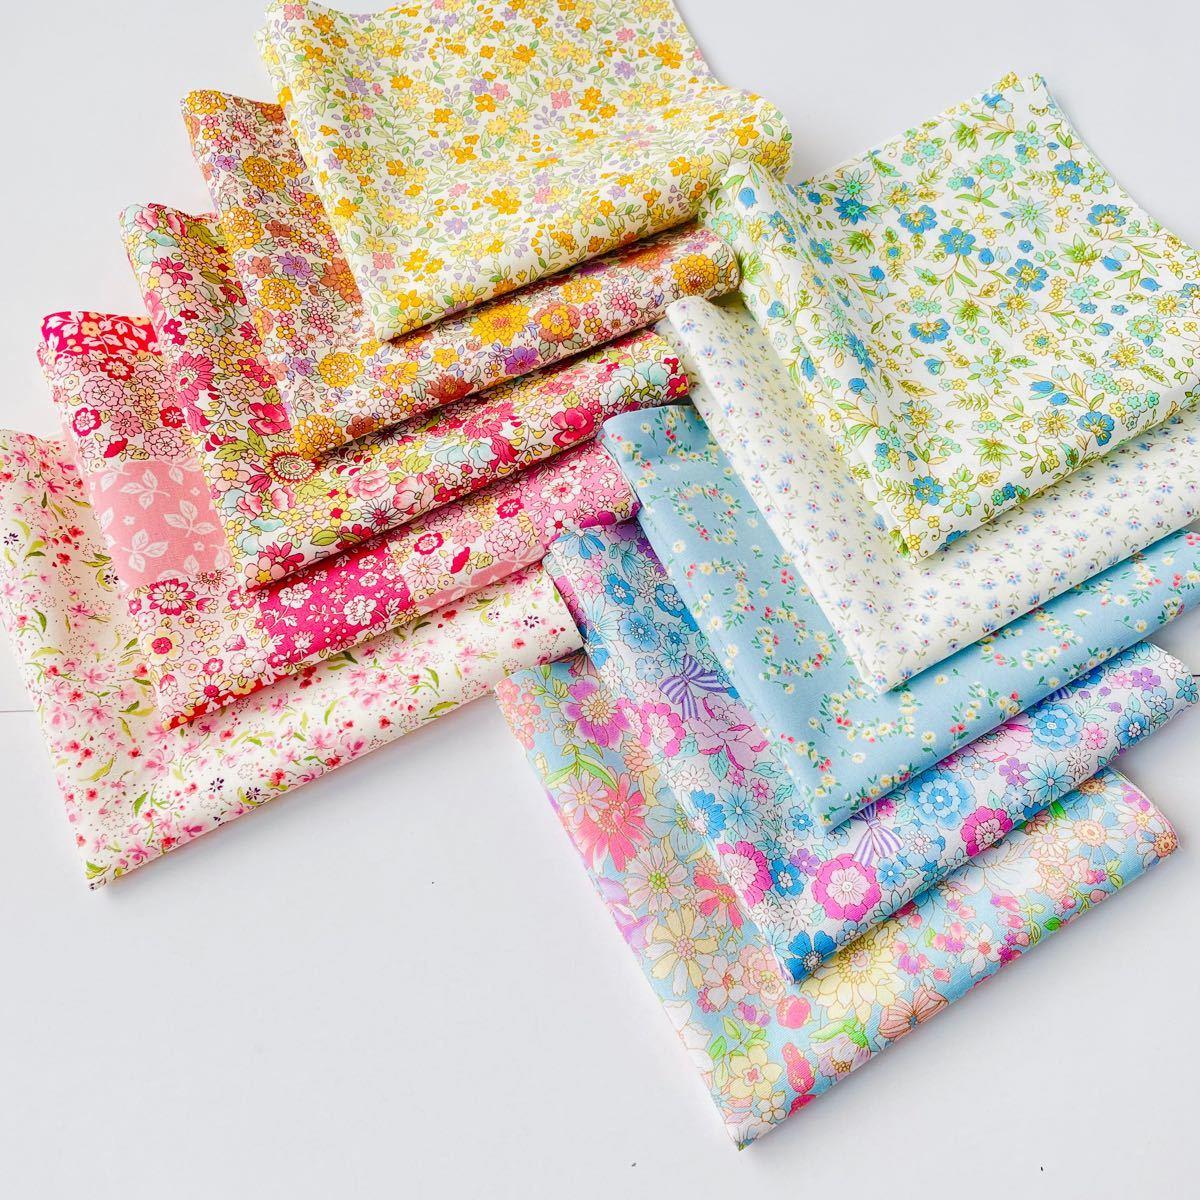 カットクロス 10枚 セット*花柄 小花  リバティ ハンドメイド はぎれ 小物作り  布シール